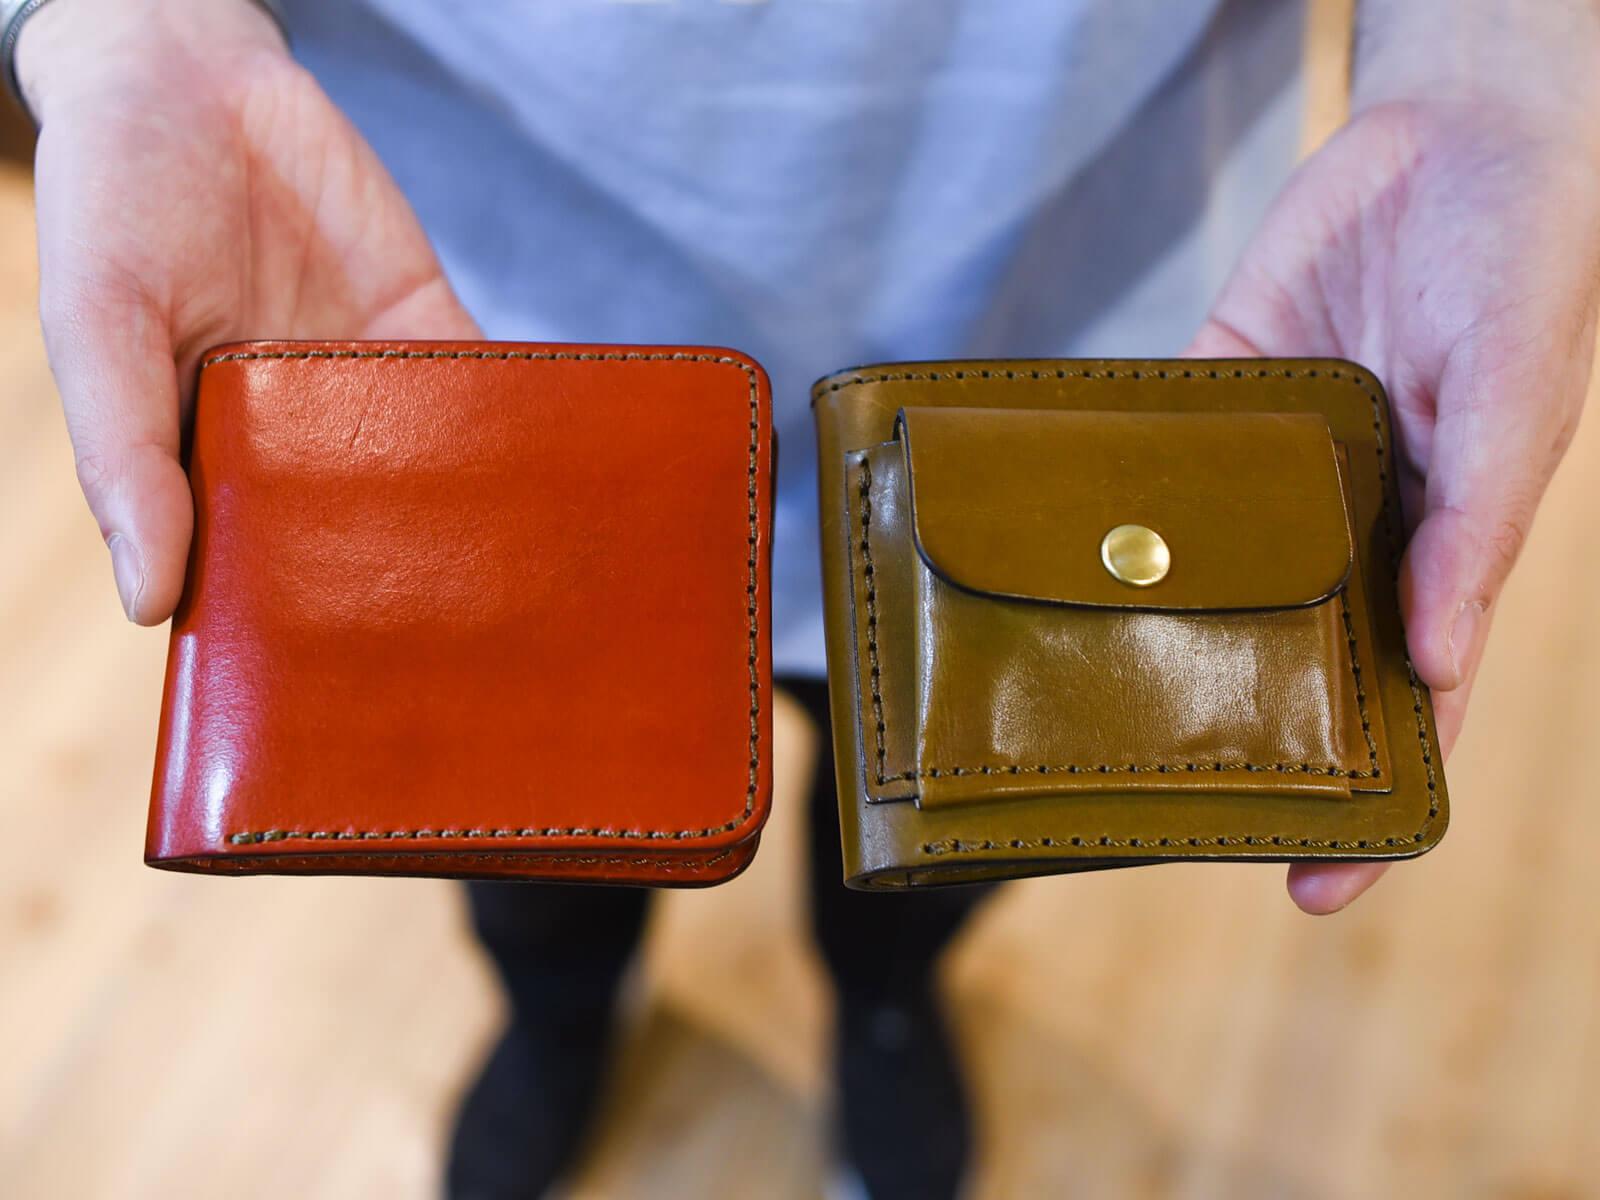 春財布2020 本店スタッフも愛用中の二つ折り財布をご紹介